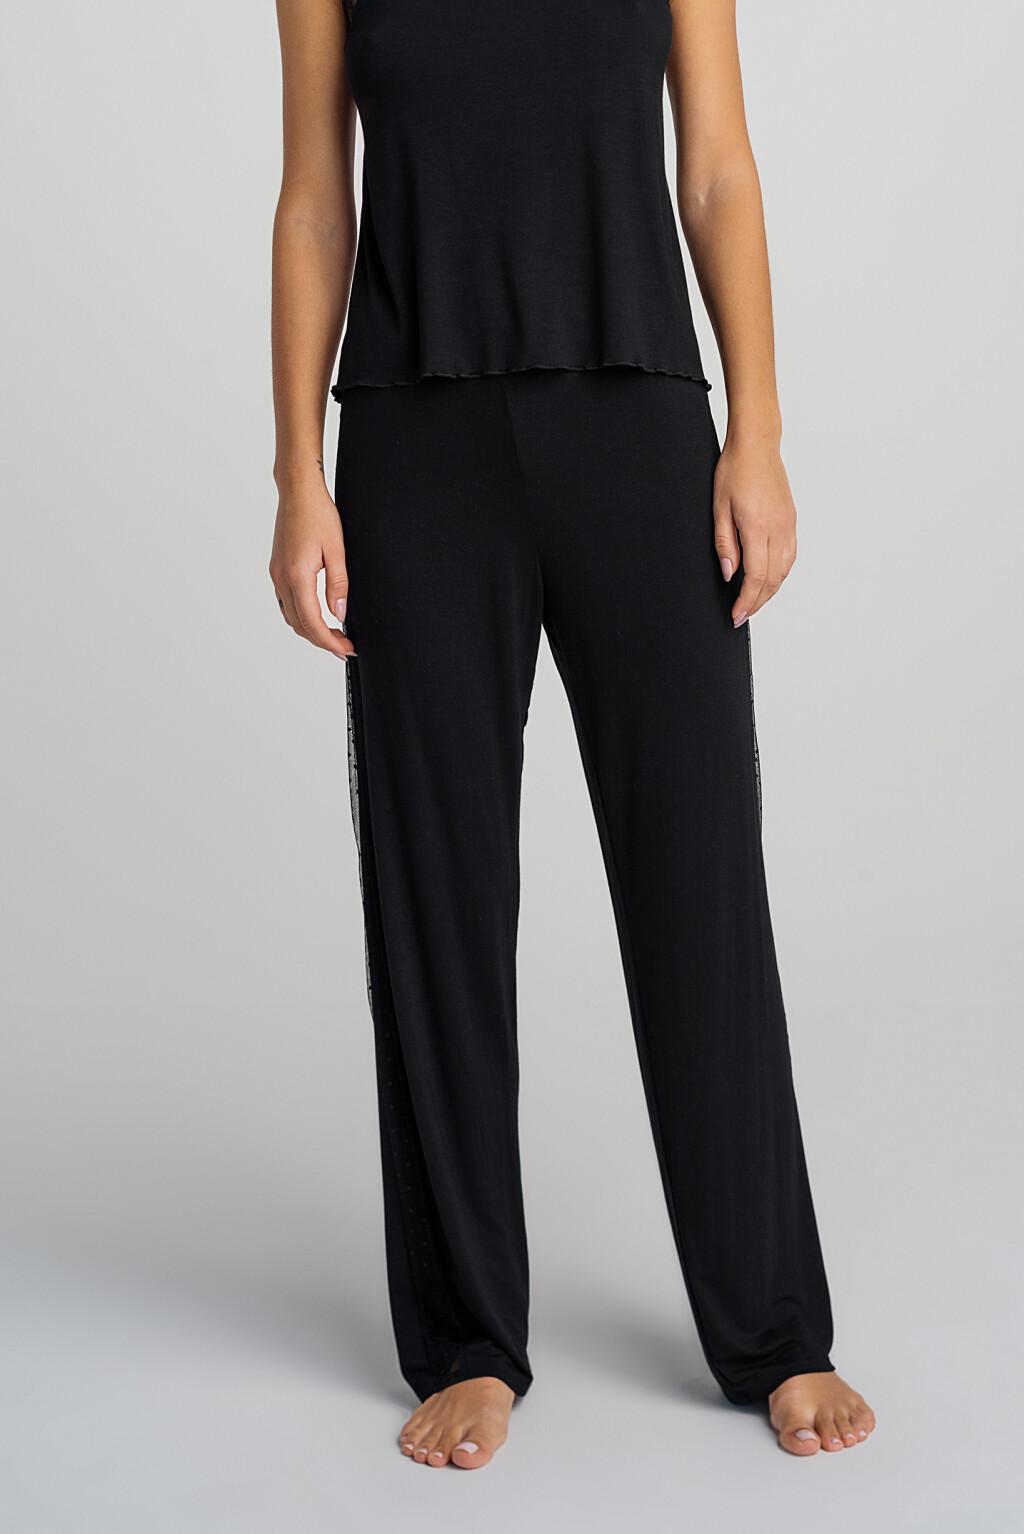 брюки пижамные женские